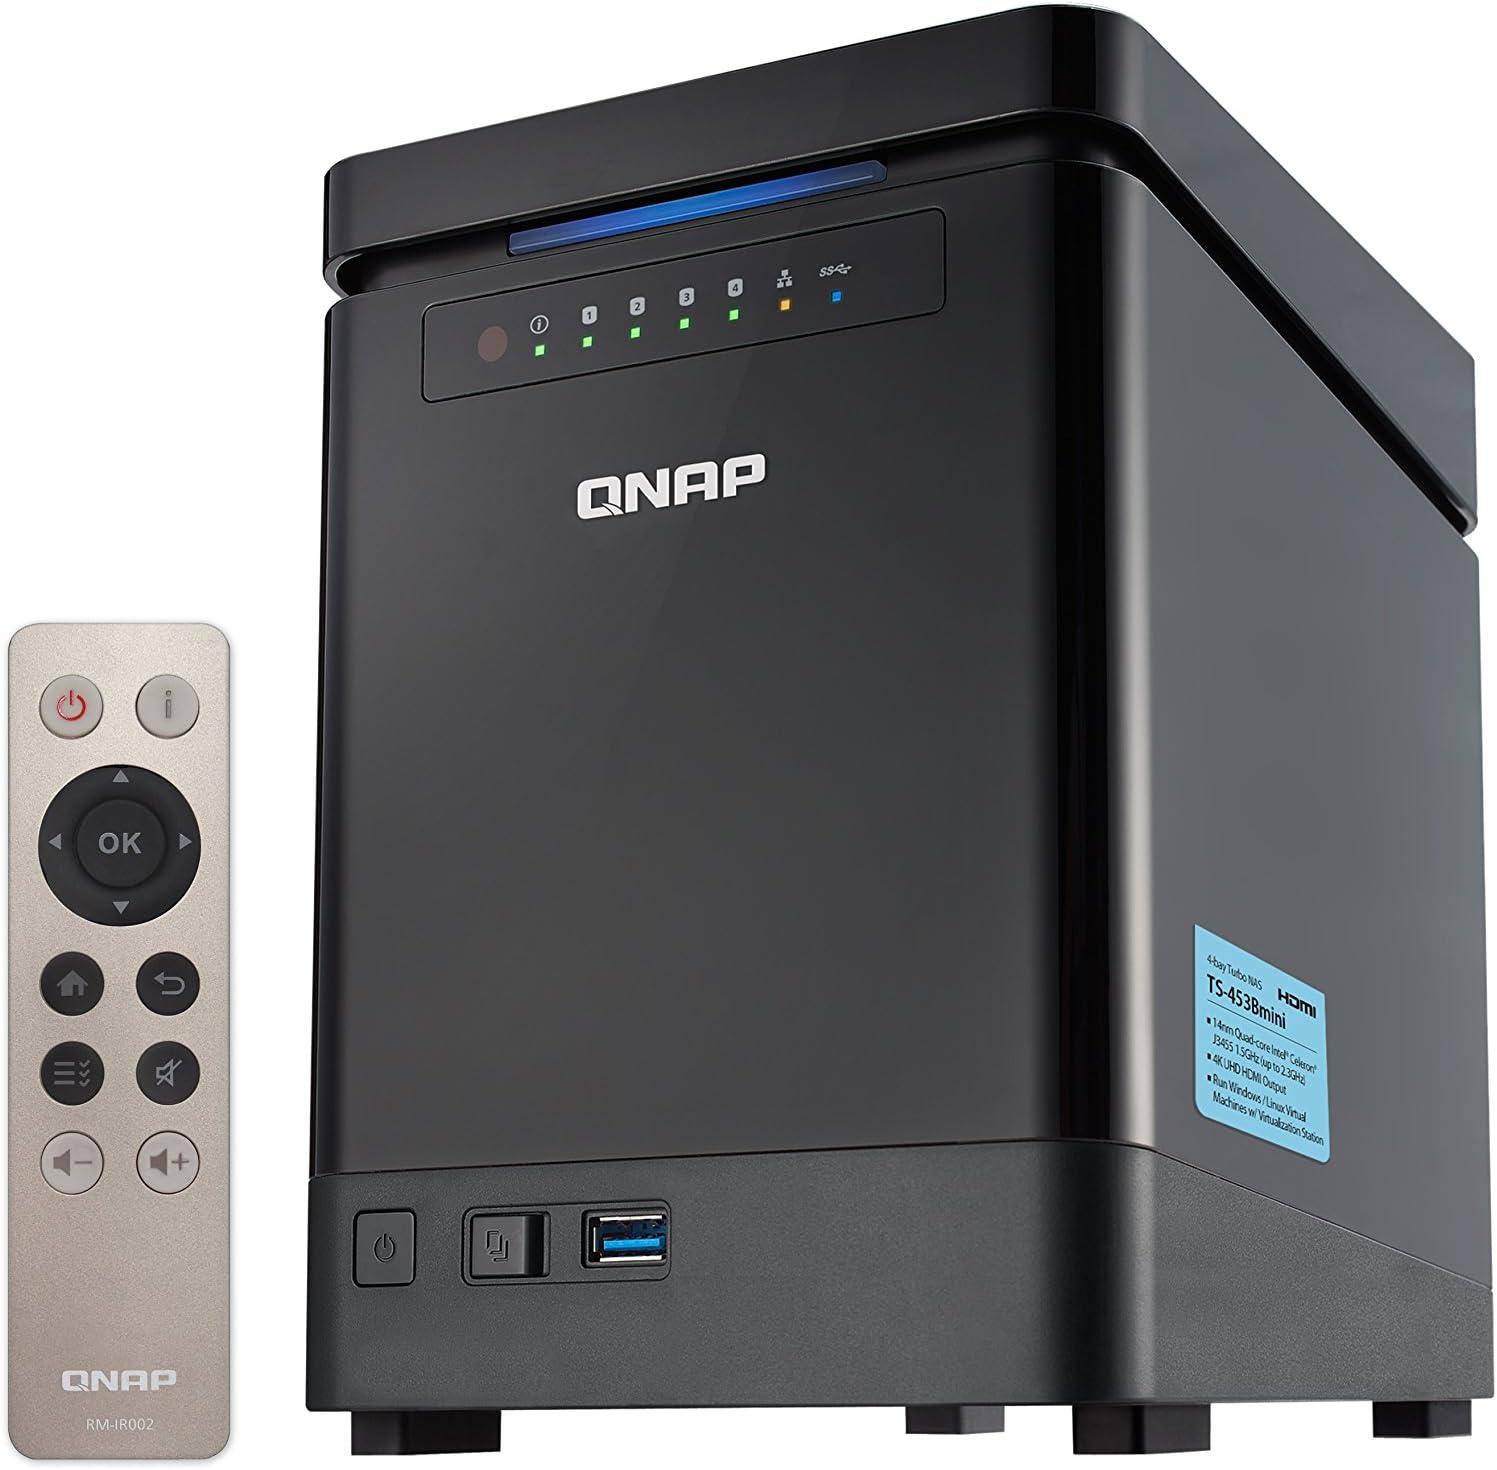 QNAP TS-453Bmini NAS Torre Ethernet Negro - Unidad Raid (Unidad de ...